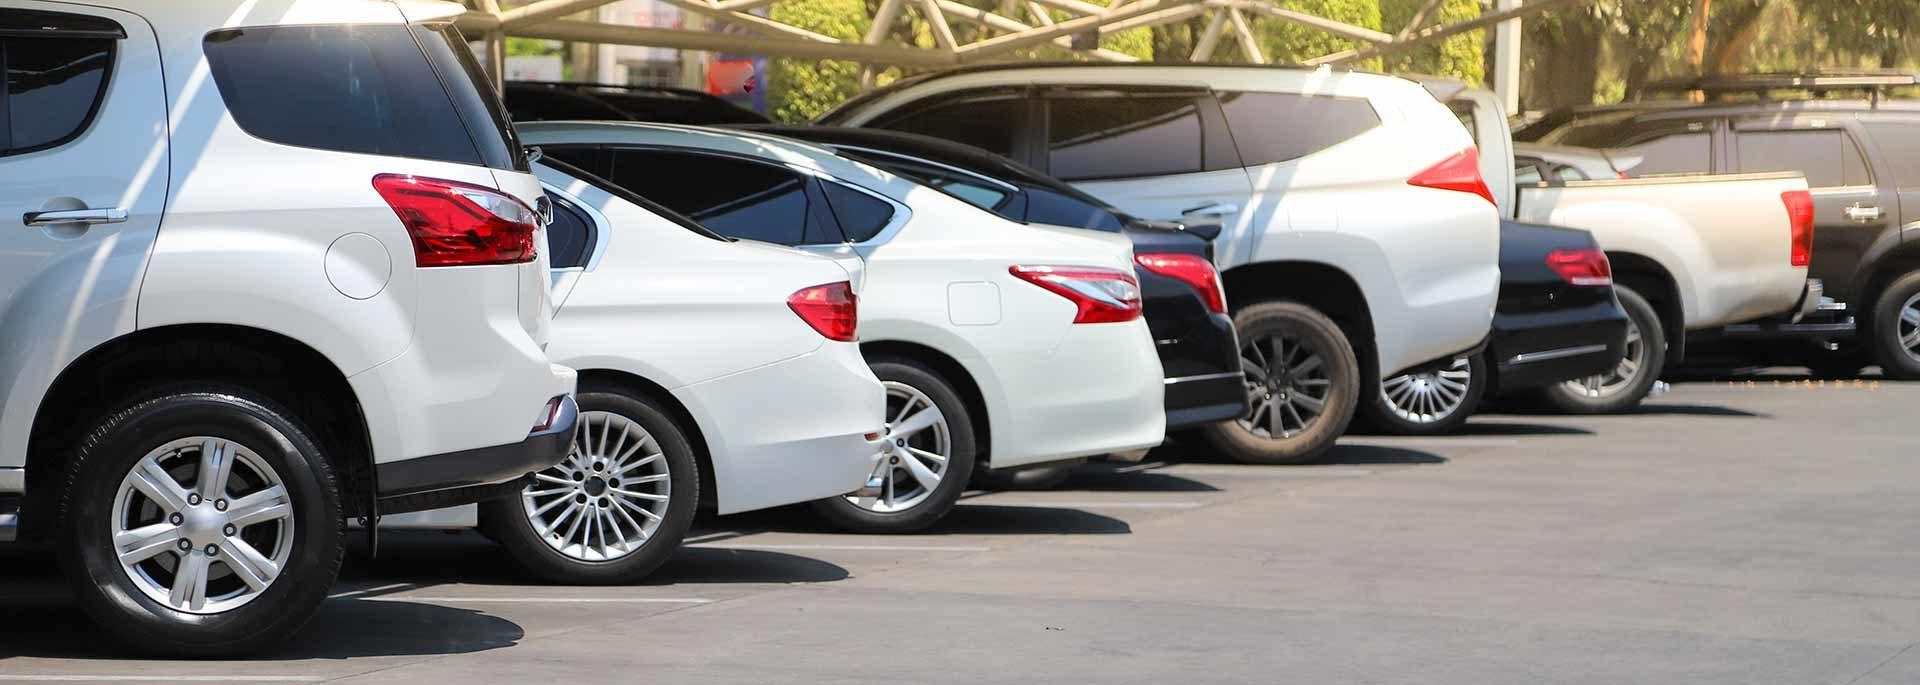 Weiße Autos auf einem Parkplatz